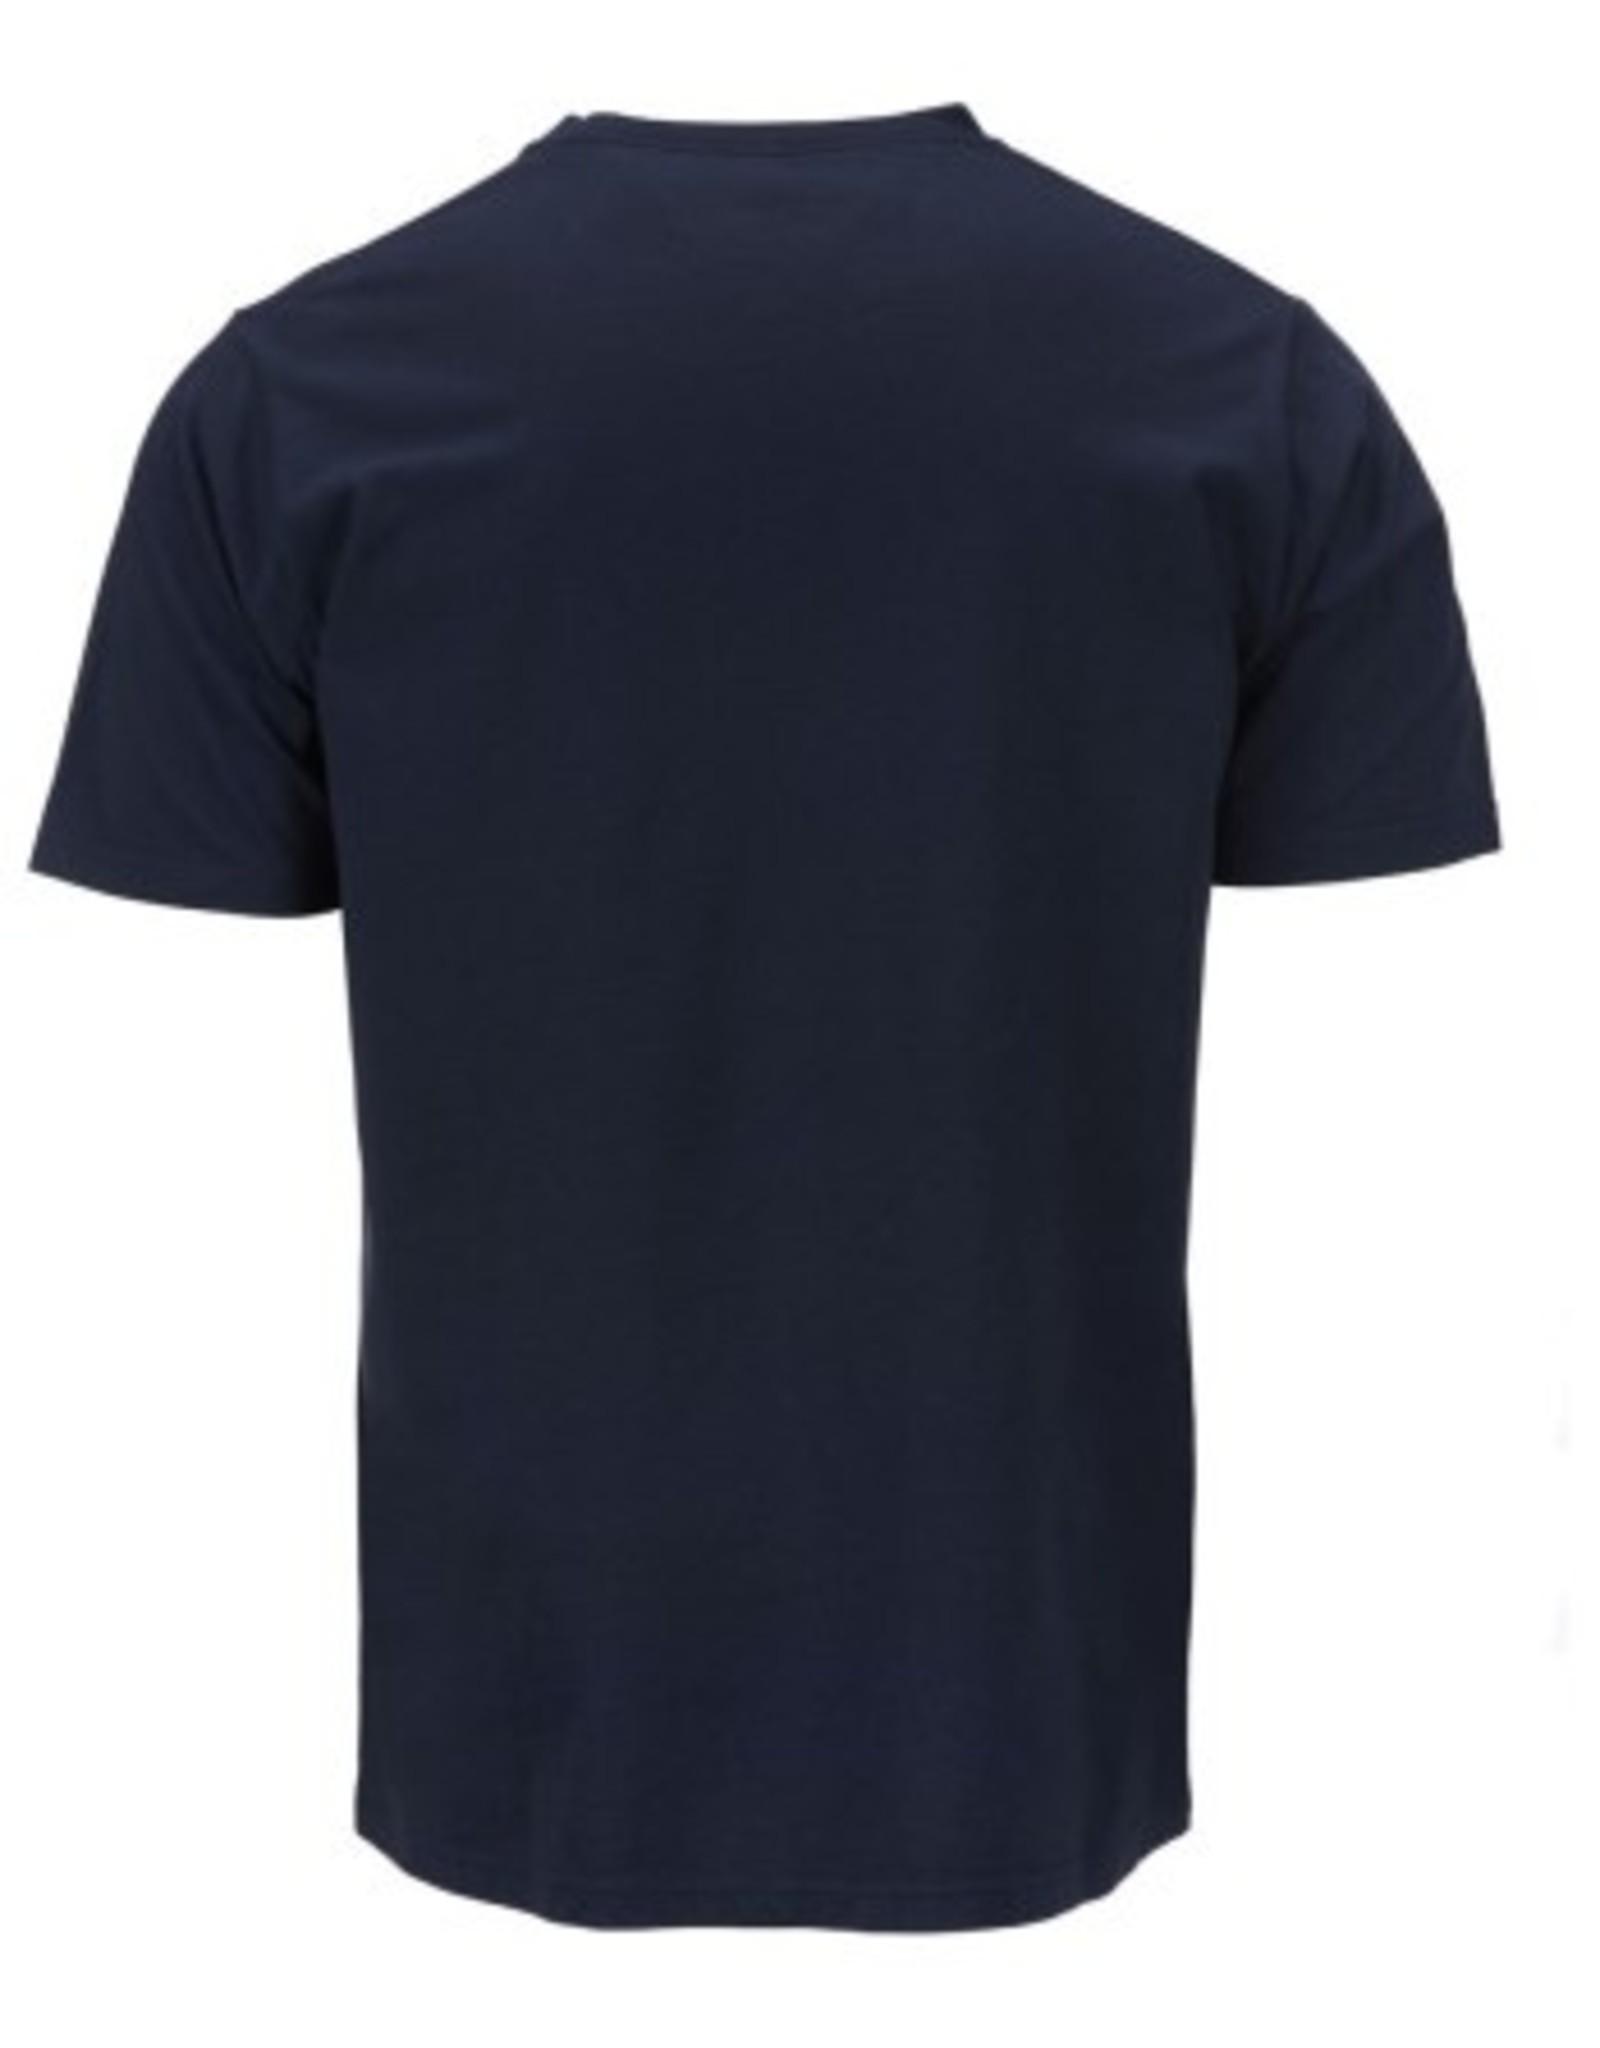 Dickies Dickies Finley Tee Navy Blue